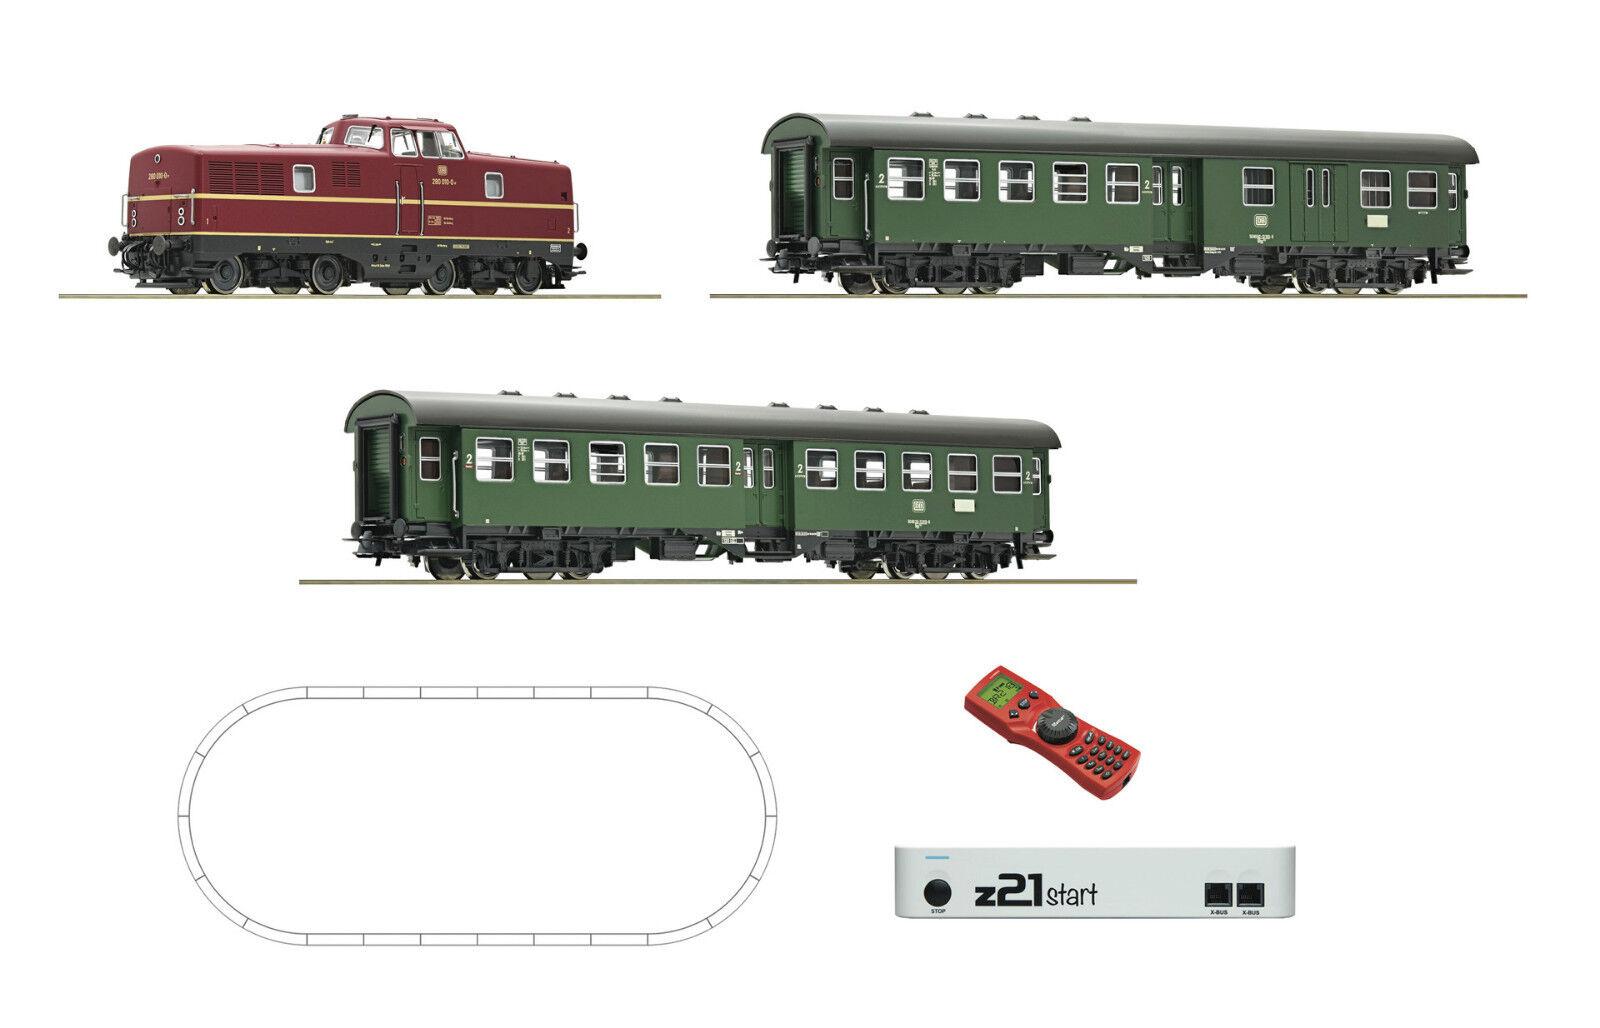 ROCO 51295 Digital Startset BR 280 Personenzug z21 Multimaus Ep IV NEU OVP